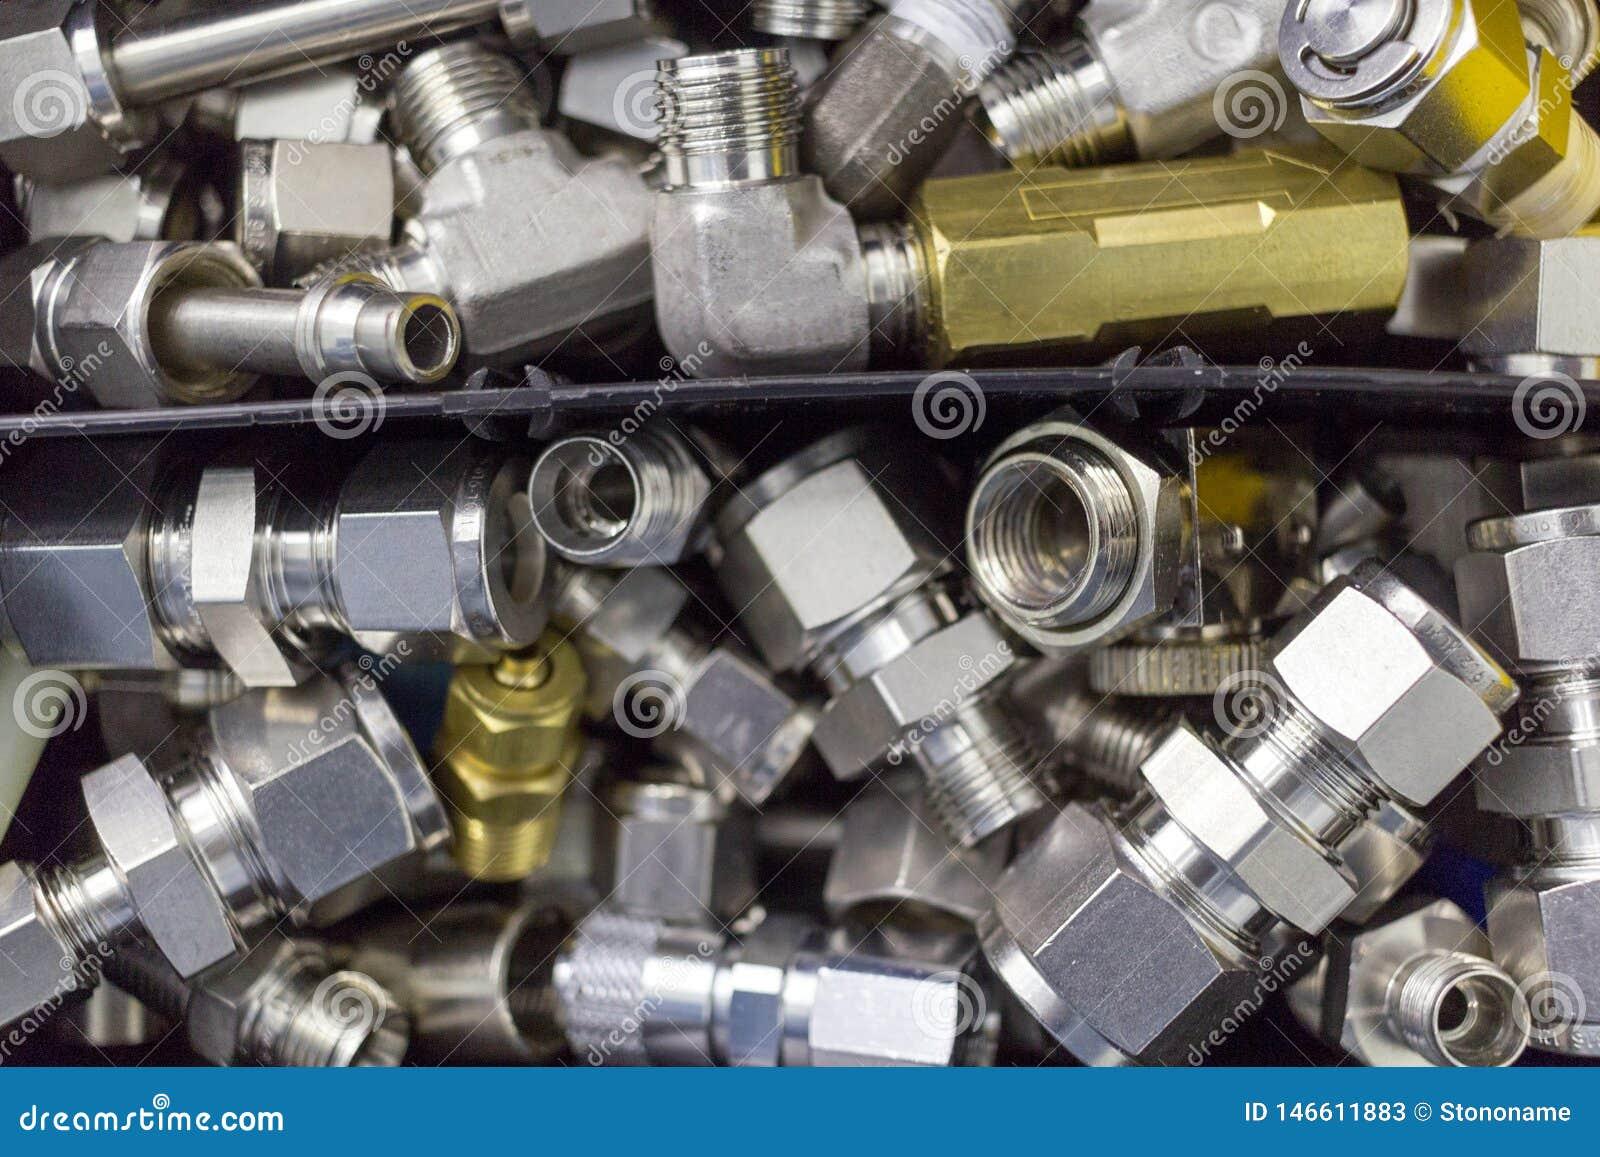 Verbind snel montagekoppeling voor samengeperste lucht, hydraulica, pneumatiek, gassen, liggen de brandstoffen in een chaotische